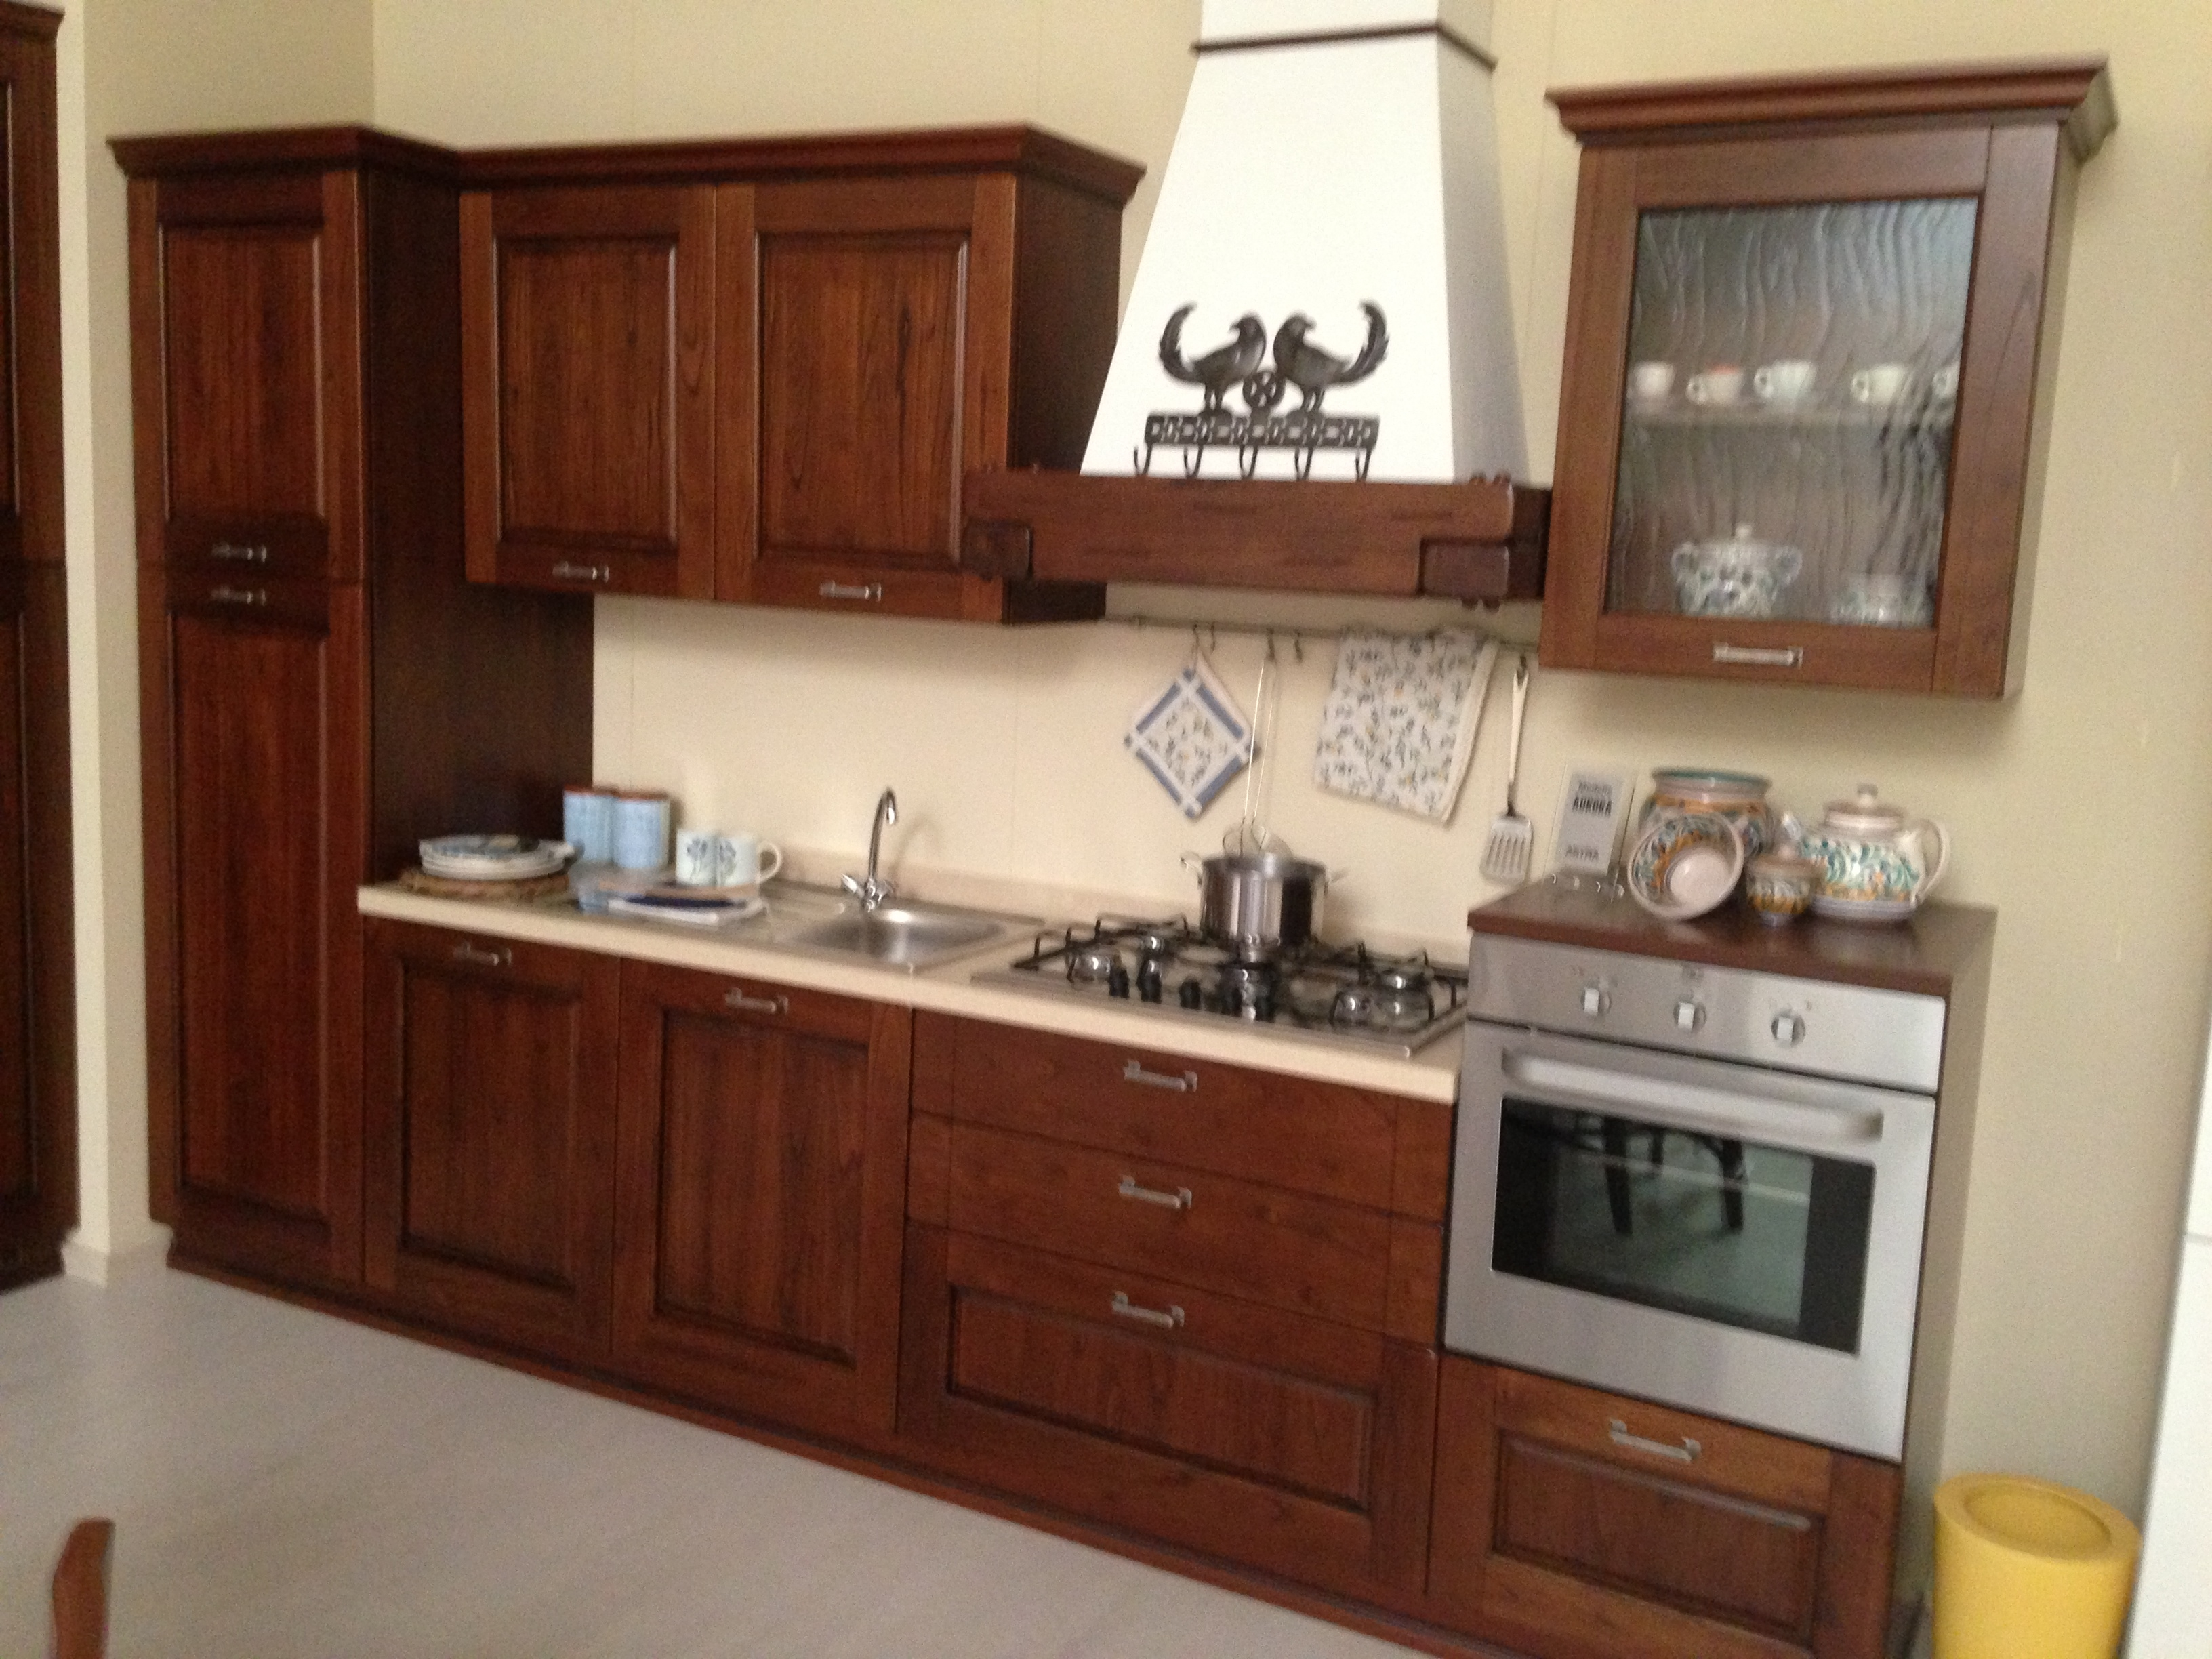 Cucina Classica CM330 Cucine A Prezzi Scontati #AA8421 3264 2448 Foto Di Cucine In Stile Provenzale